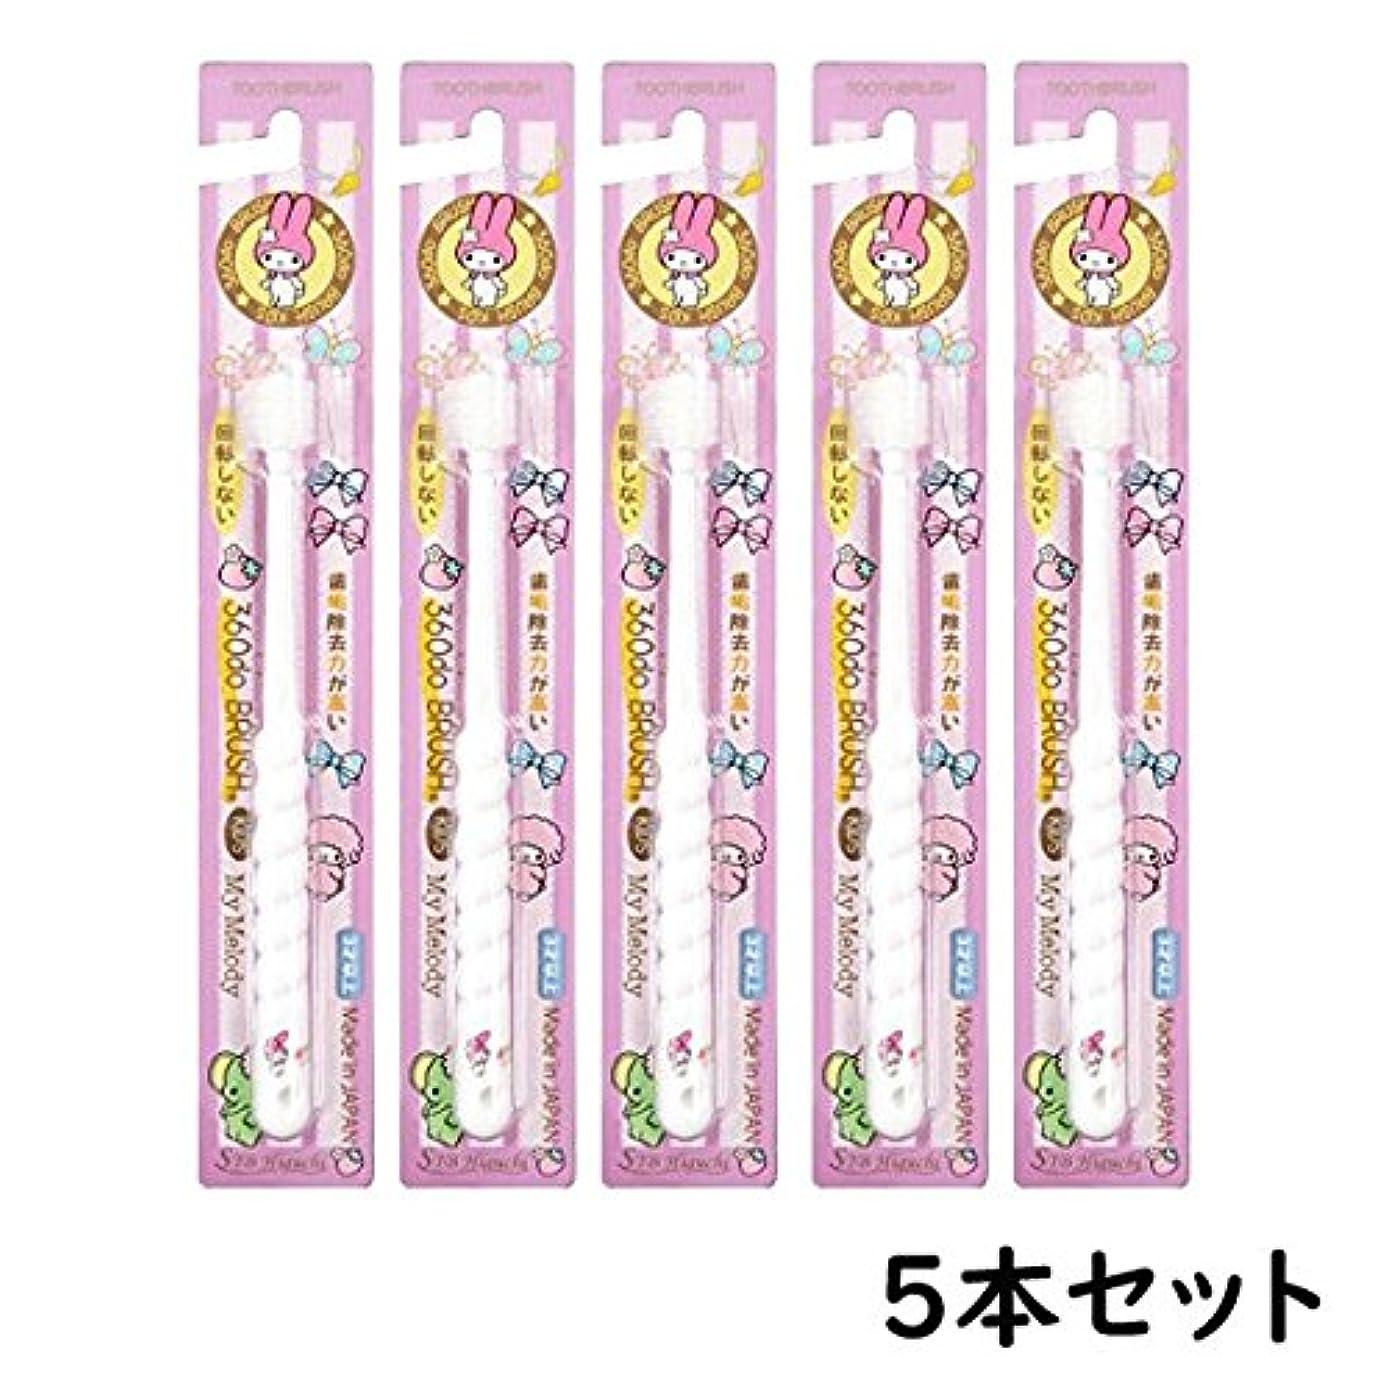 宣言する透過性頼る360度歯ブラシ 360do BRUSH たんぽぽの種キッズ マイメロディ (5本)